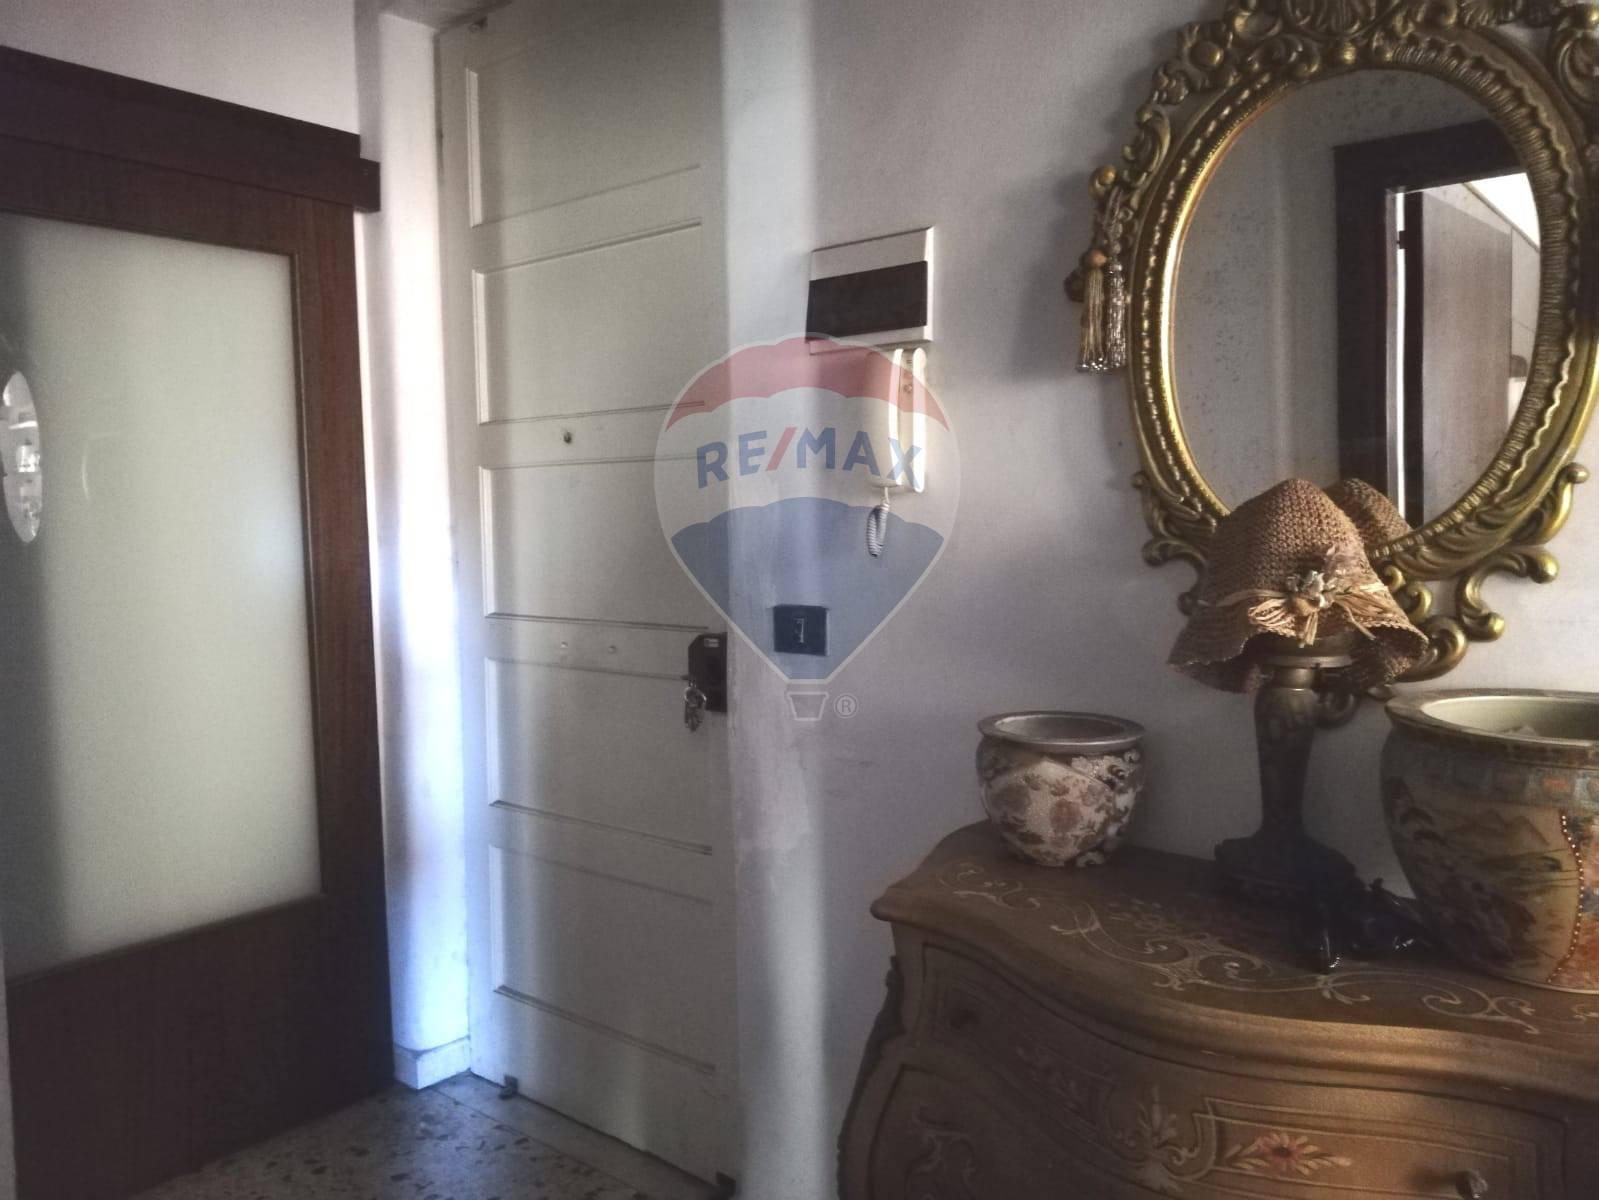 Salotto 69 Catania.Appartamento In Vendita Catania 34071022 69 Re Max